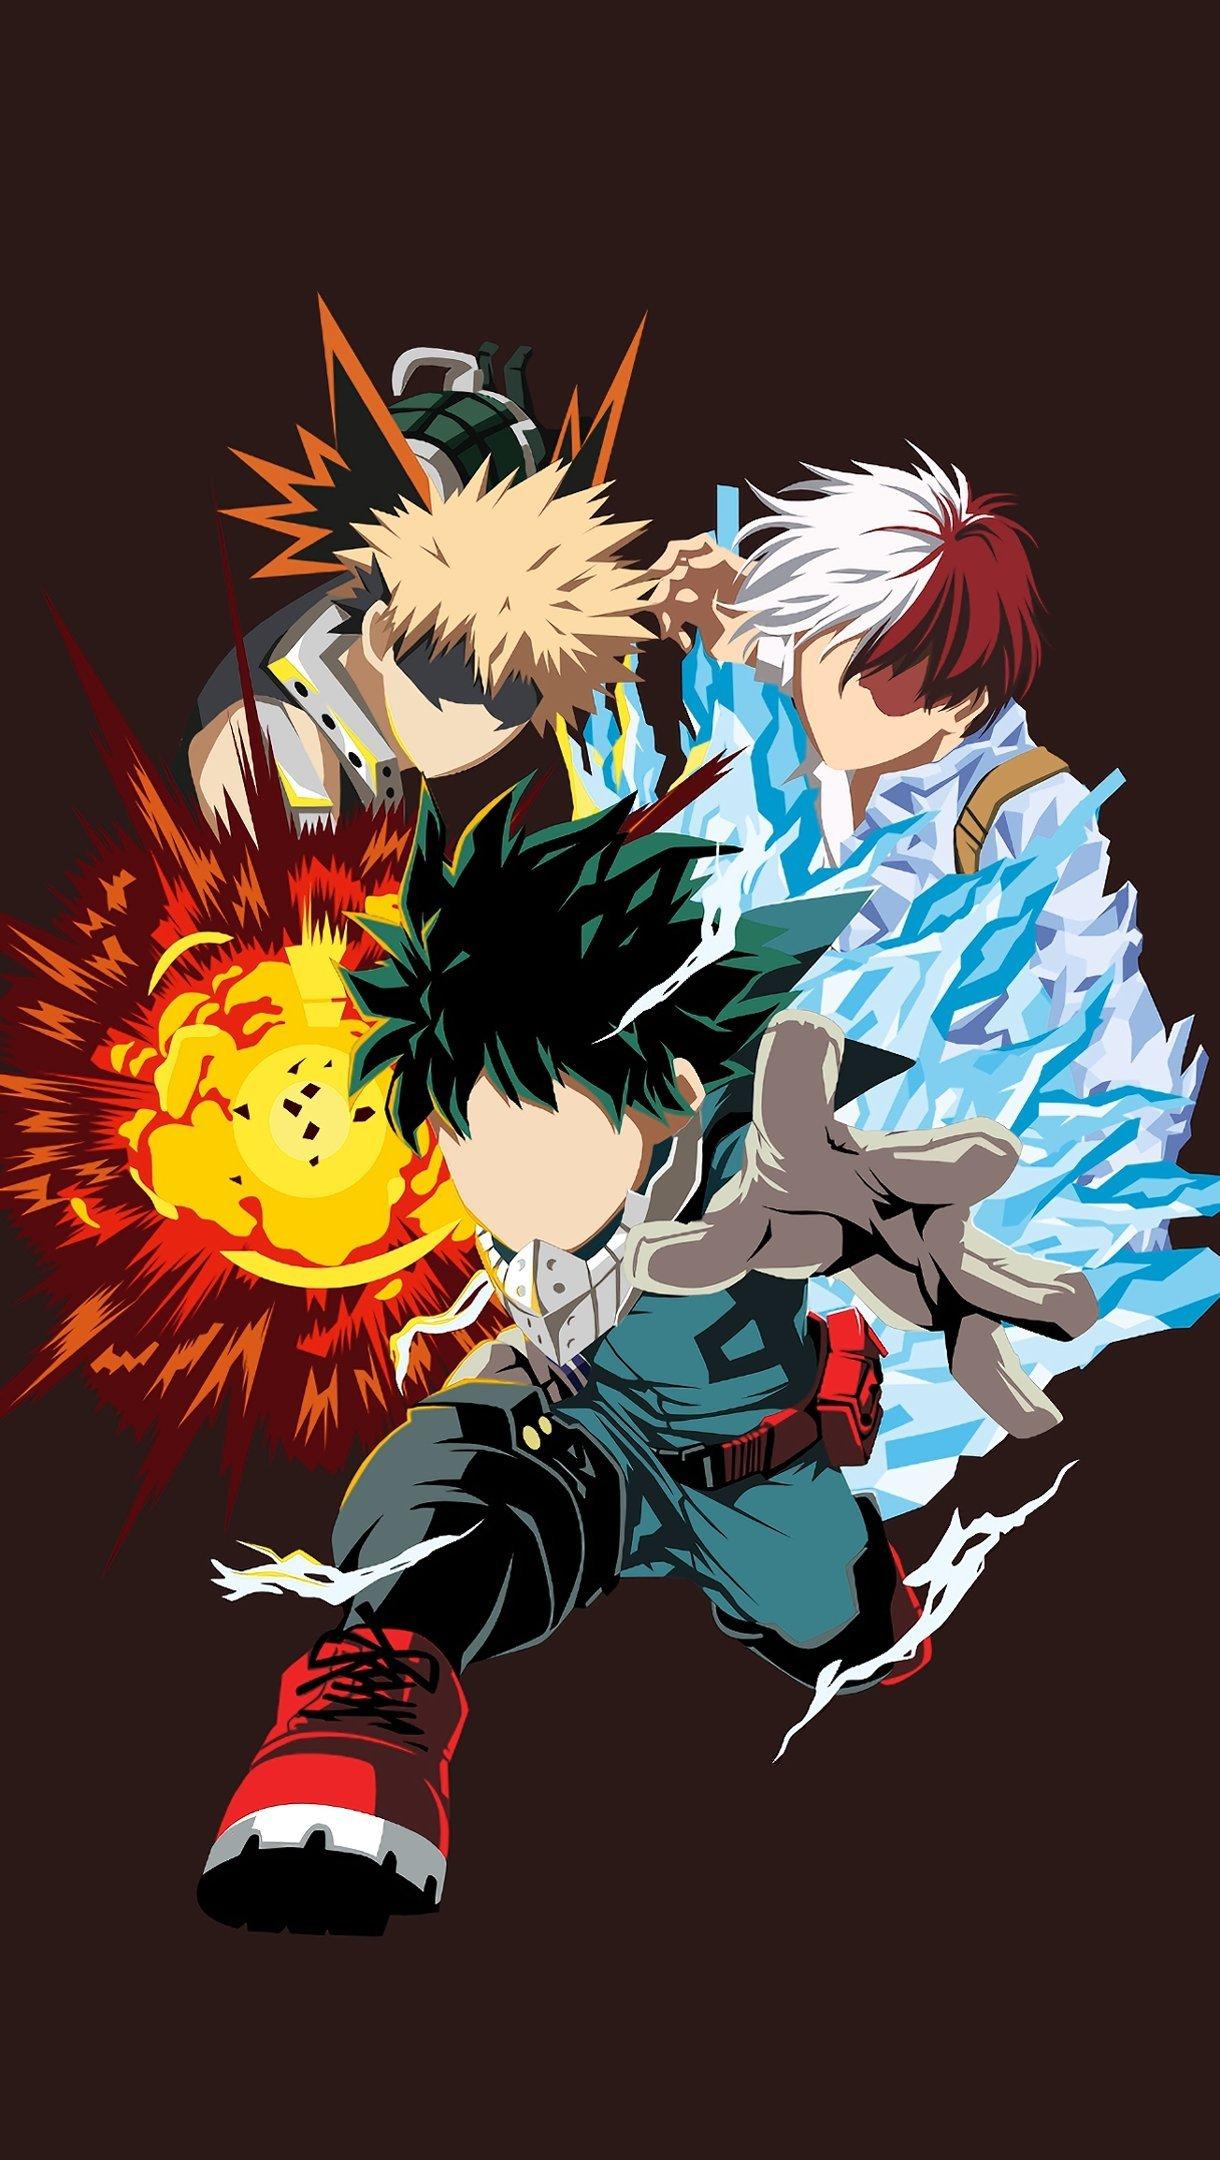 Fondos de pantalla Anime My Hero Academia Boku no Hero Academia Vertical